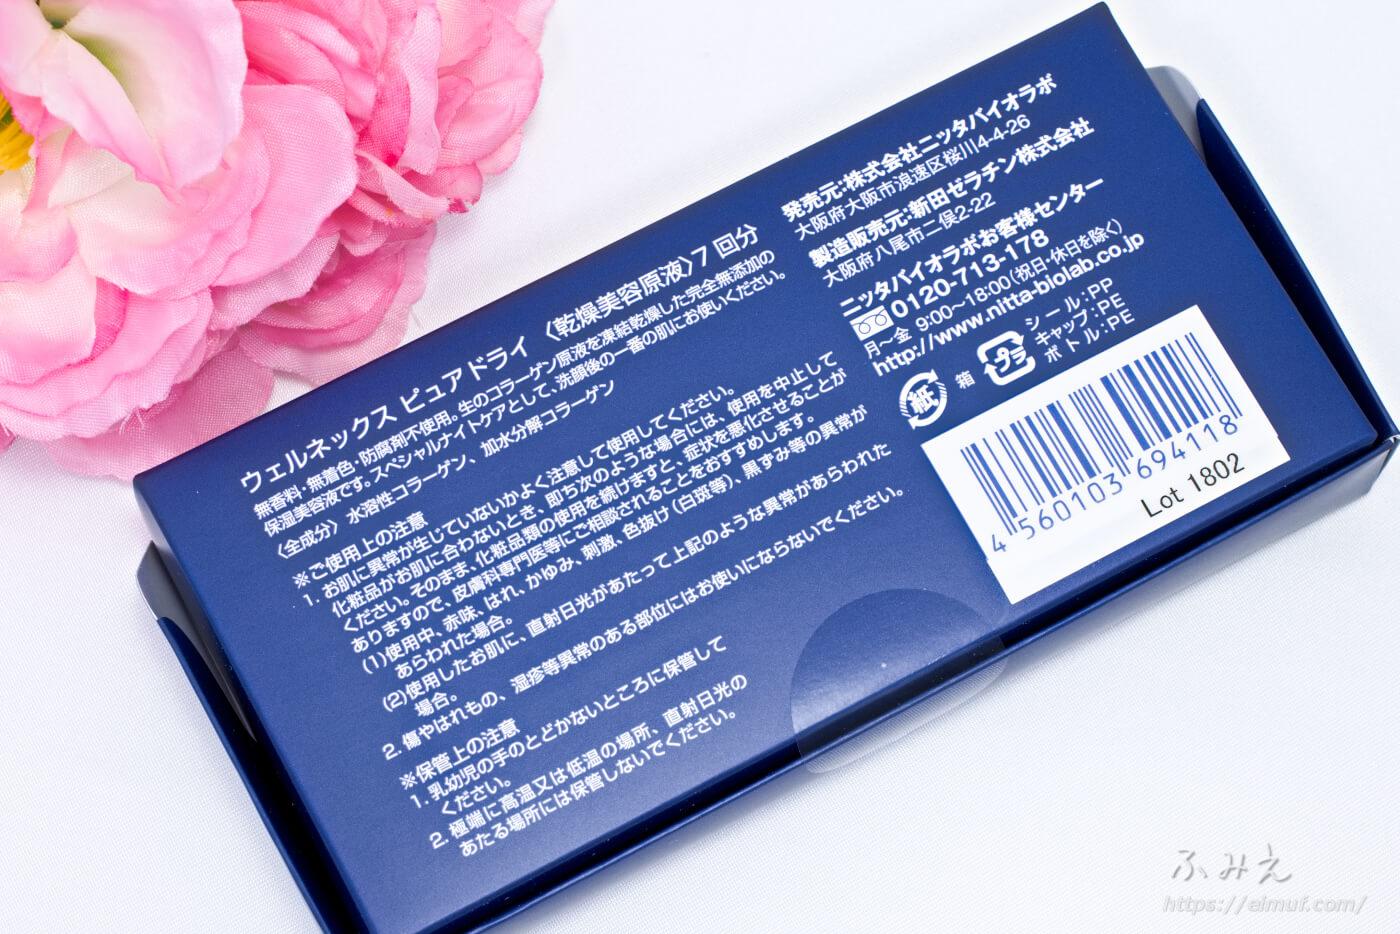 ニッタバイオラボ ピュアドライ(乾燥美容原液) 7個入り外箱裏面